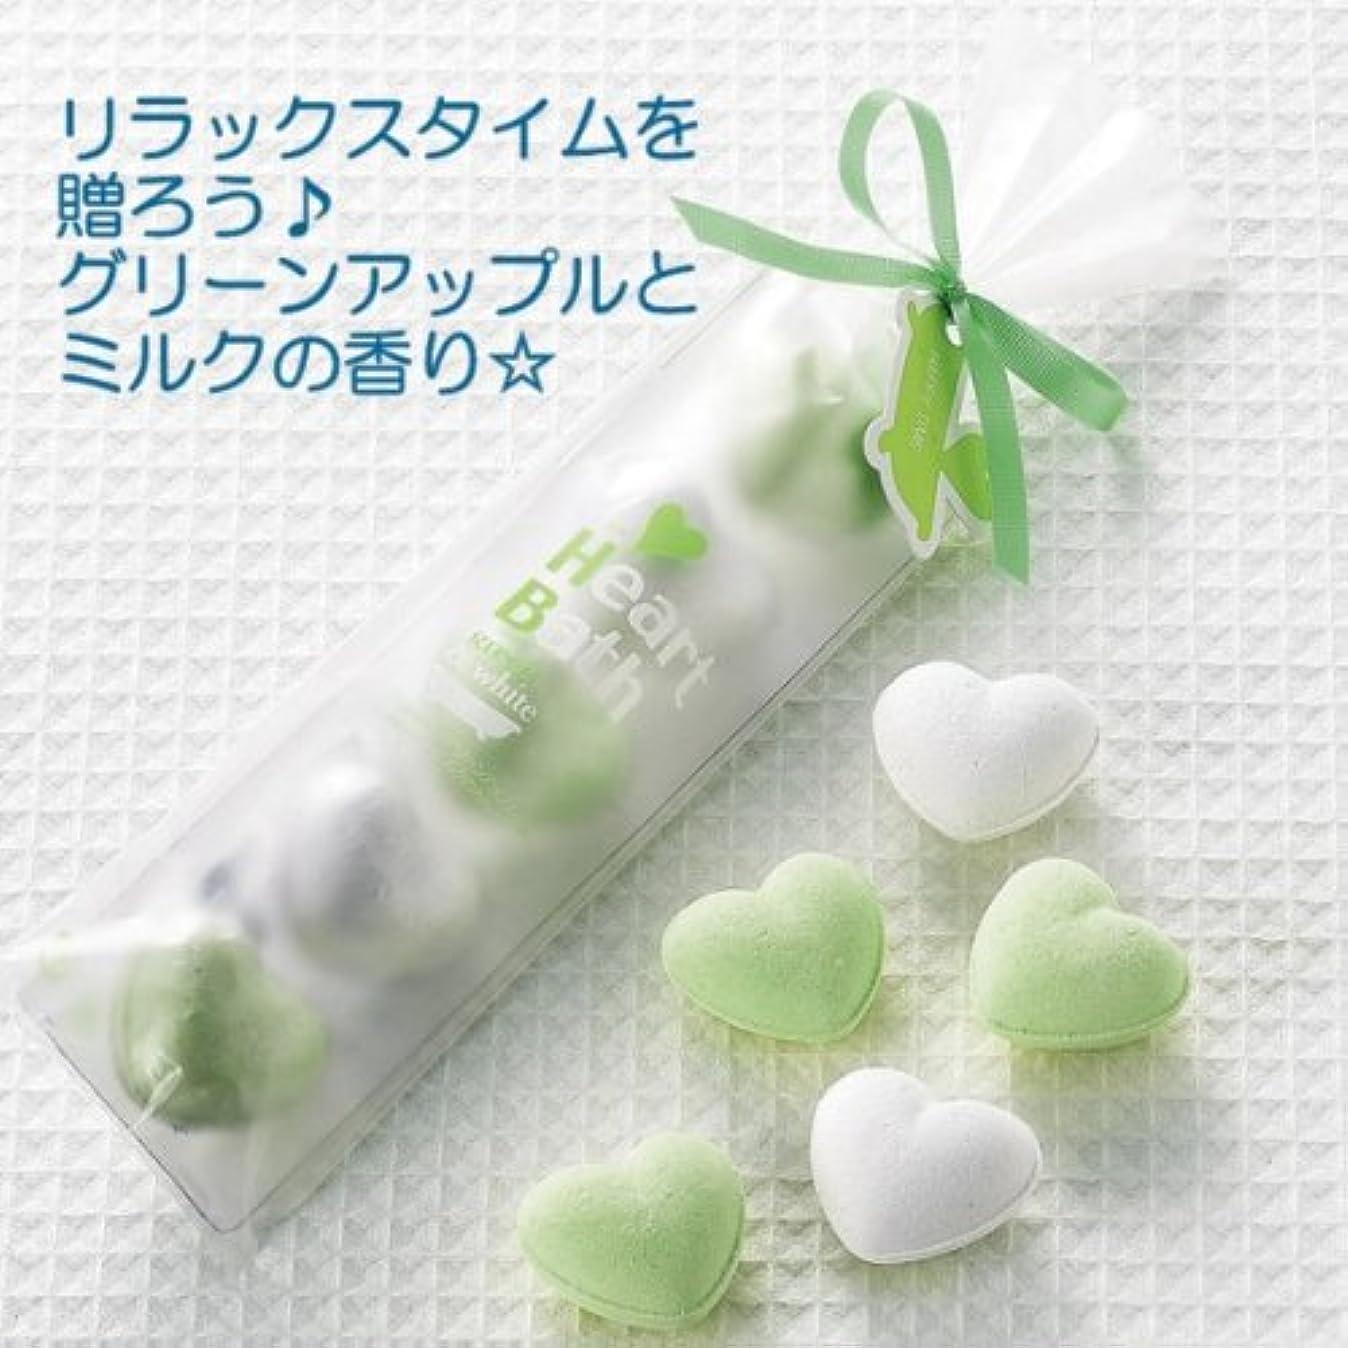 ハート型の入浴剤グリーンアップル&ミルク